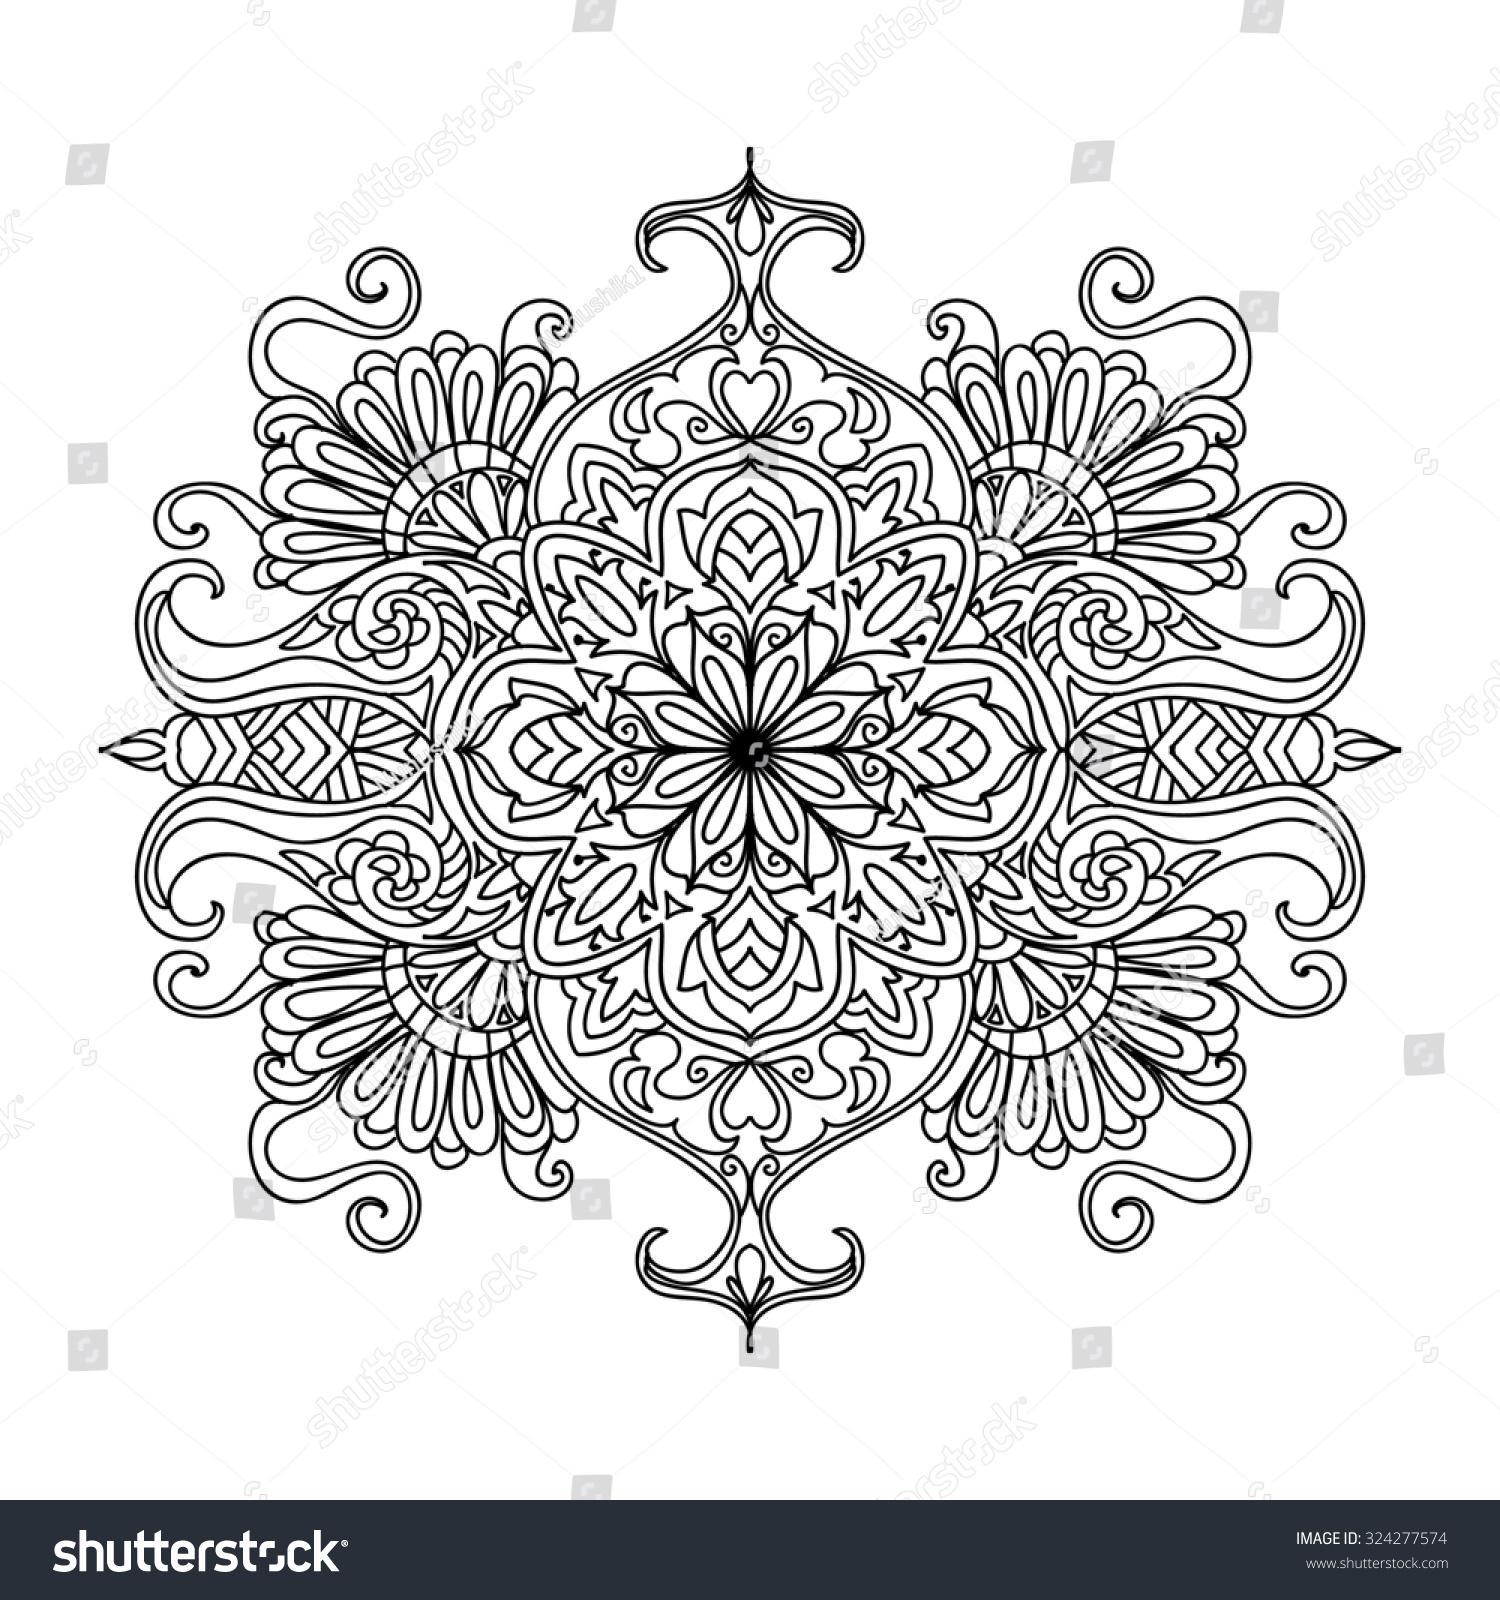 abstract mandala coloring page stock illustration 324277574